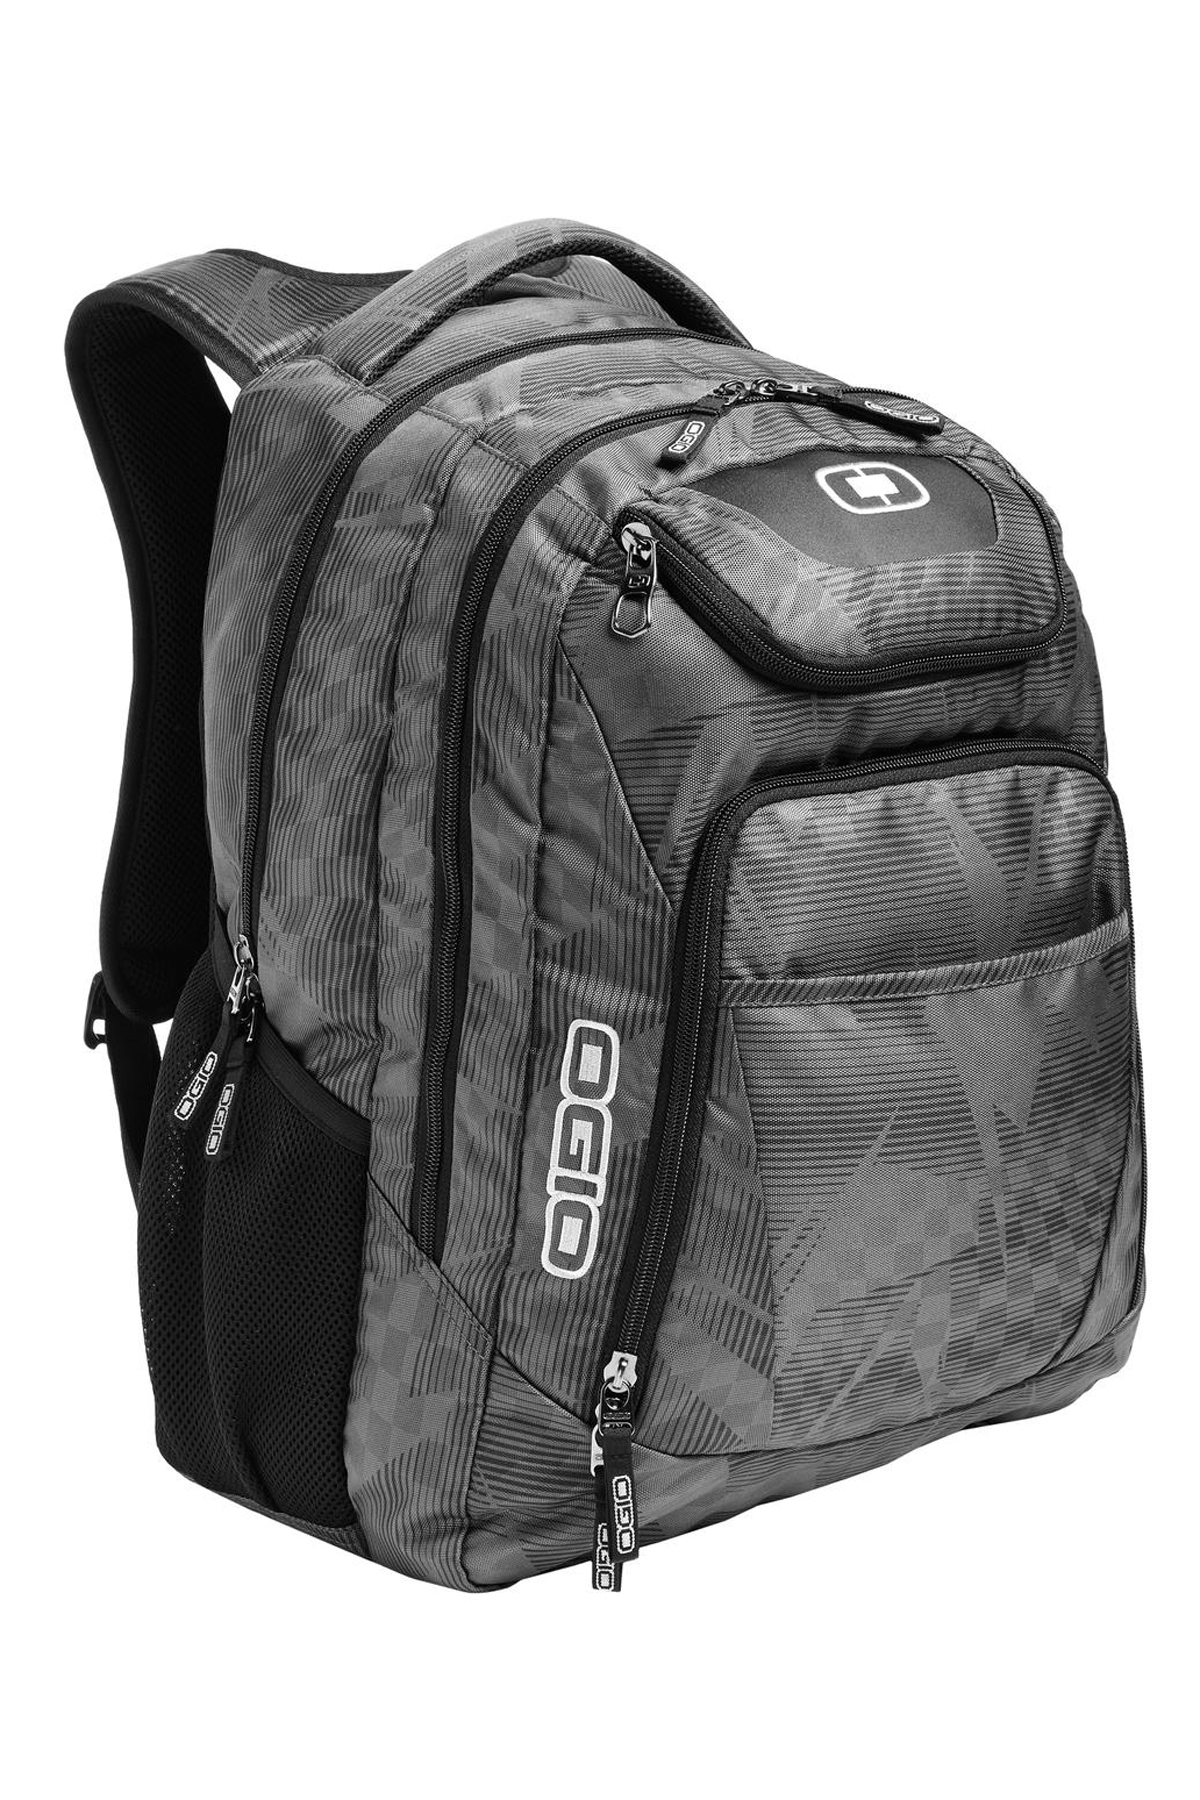 Bags-Backpacks-15